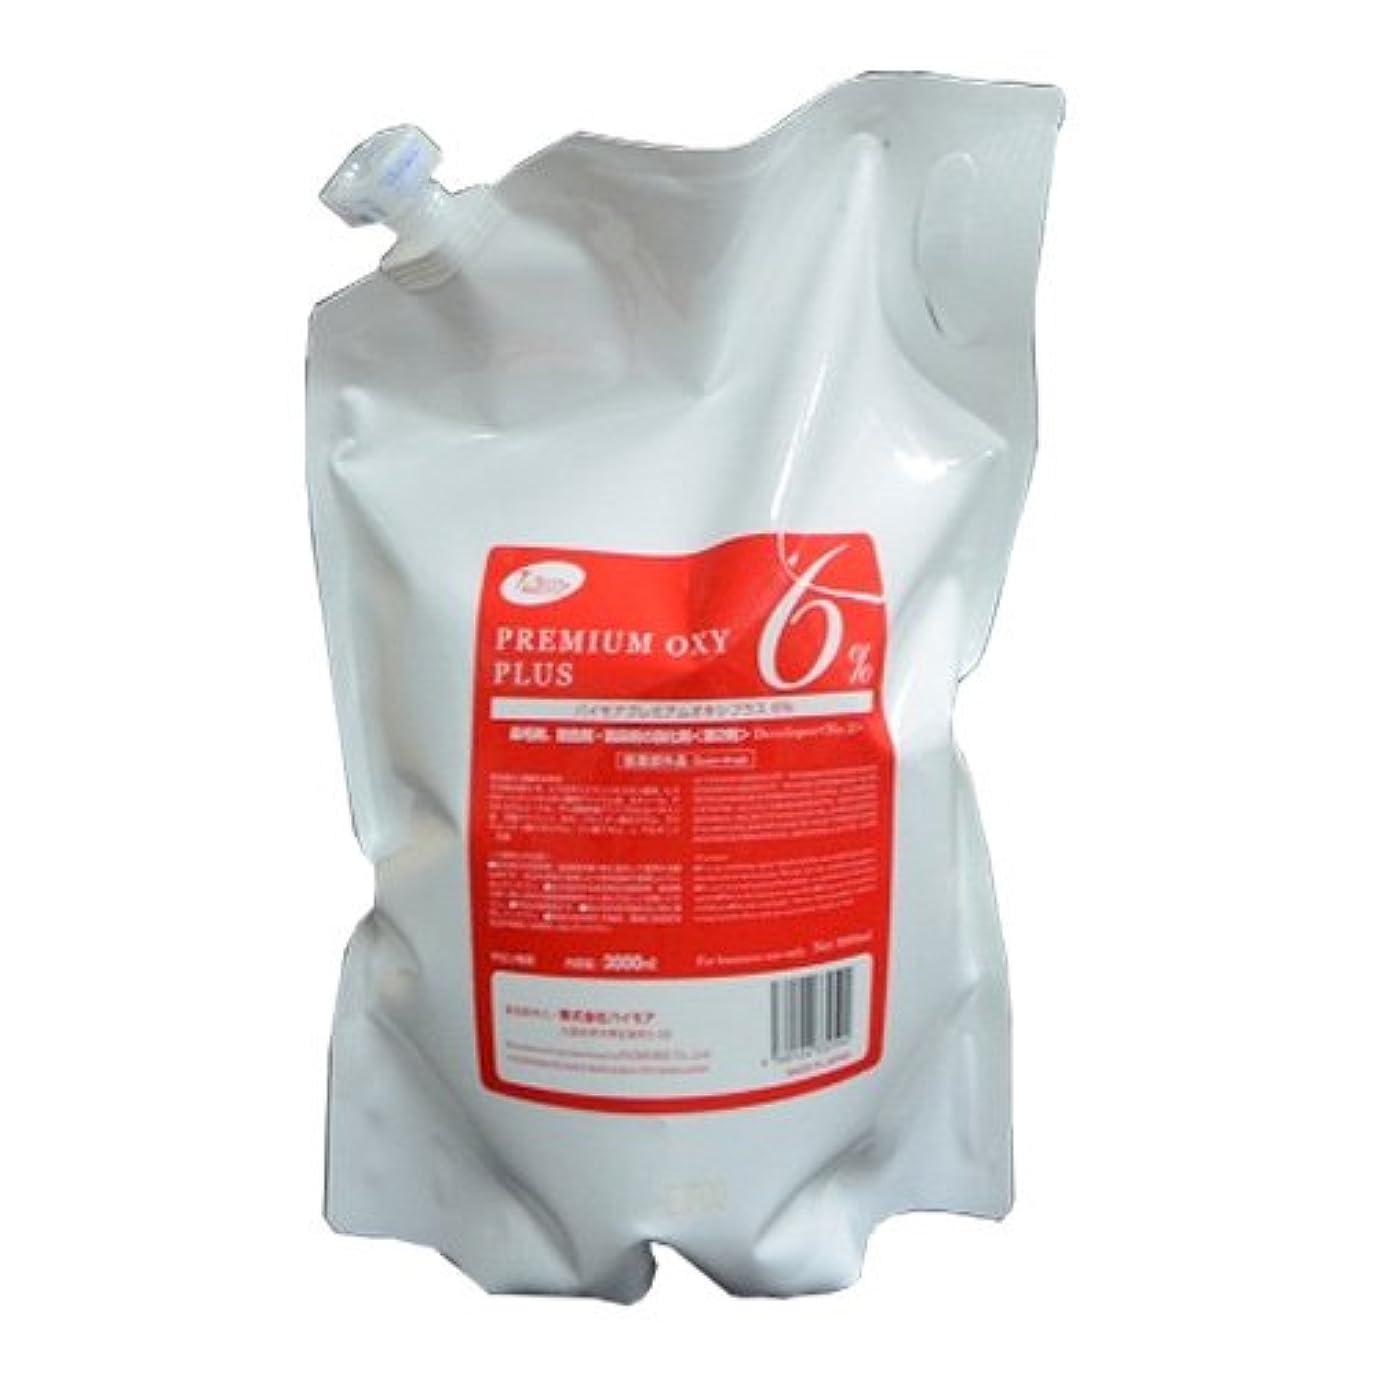 スクワイアアパルドラッグパイモア プレミアムオキシプラス 6%(レフィルタイプ) 3000ml [医薬部外品]